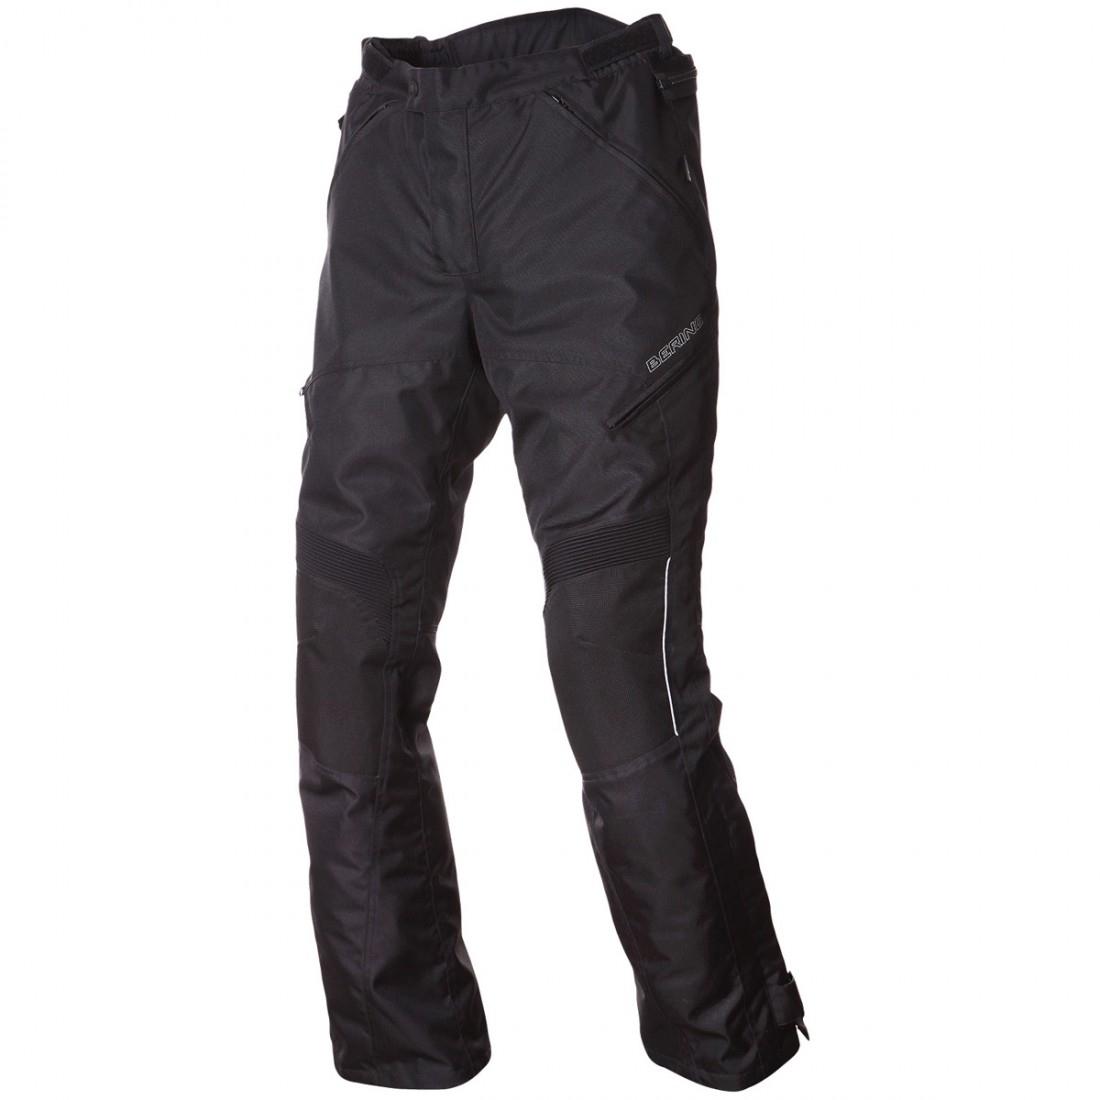 Afbeelding van bering intrepid zwart textielen motorbroek